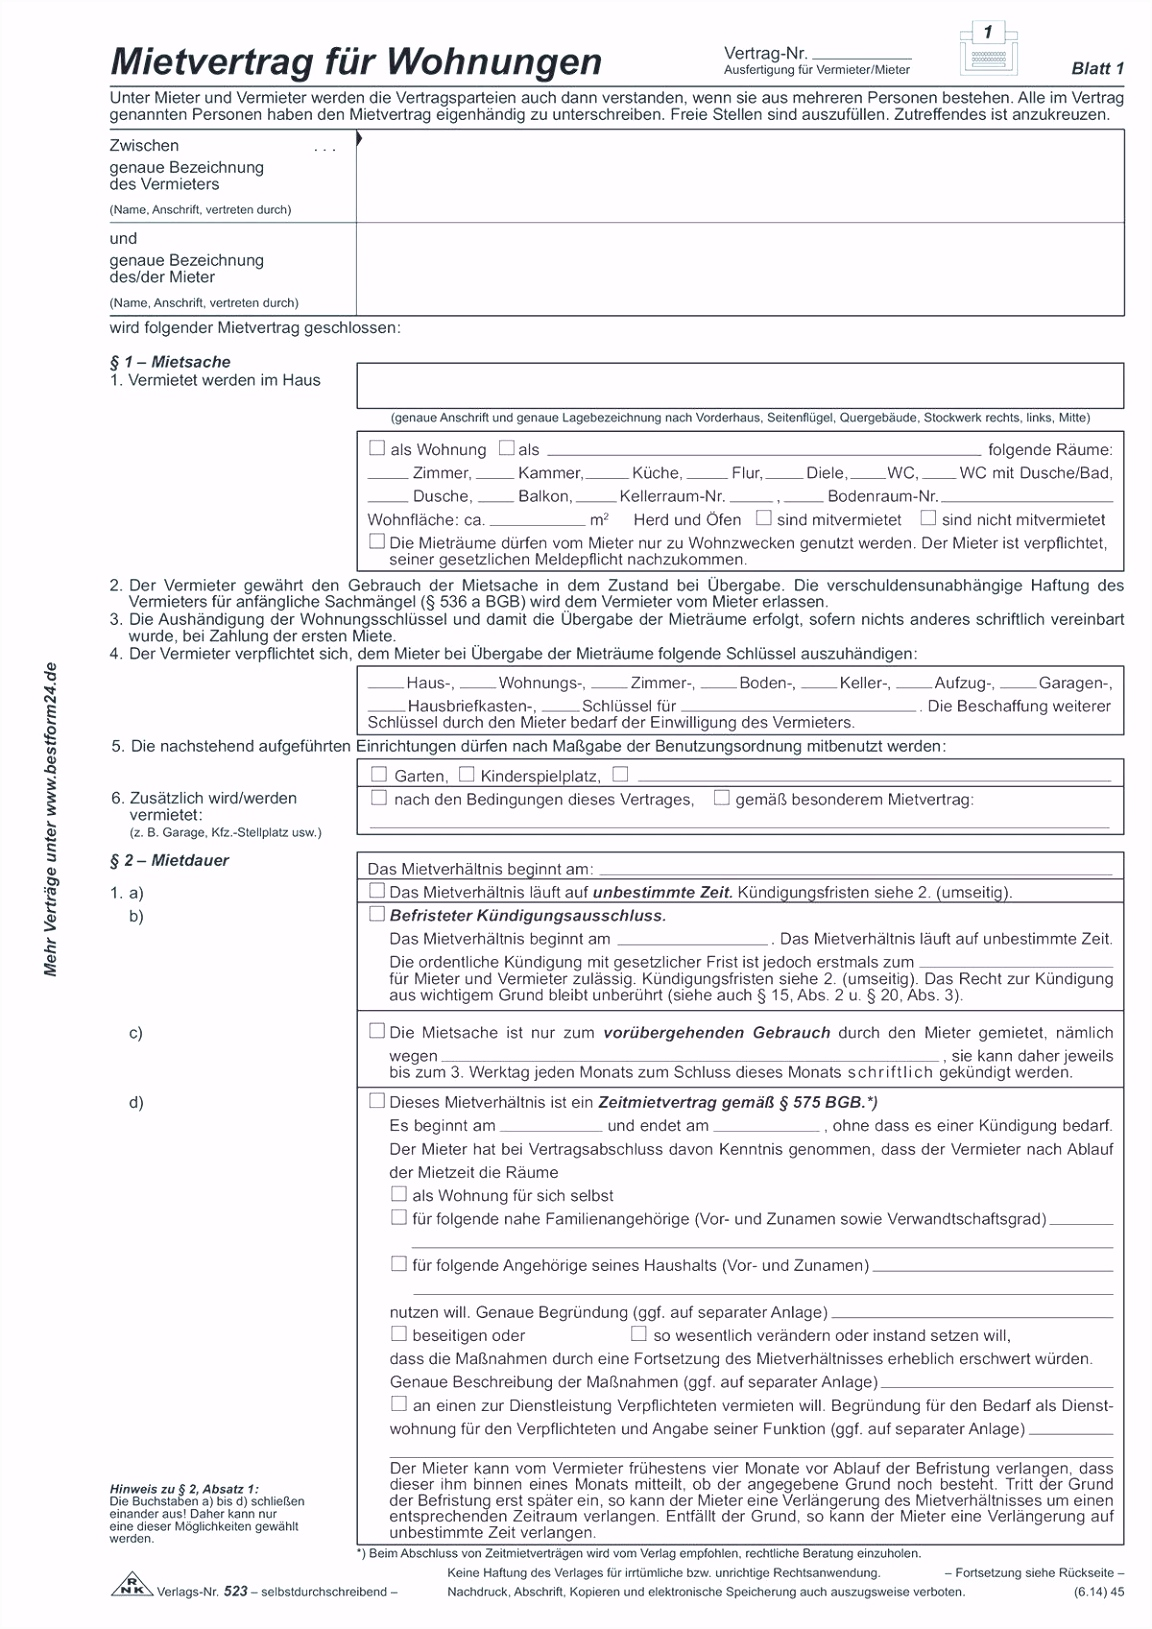 Kundigung Mobilcom Debitel Fax Vorlage 25 Detaillierte Kündigung Mobil Vorlage I3ih66sco3 H2ug5hsdu4